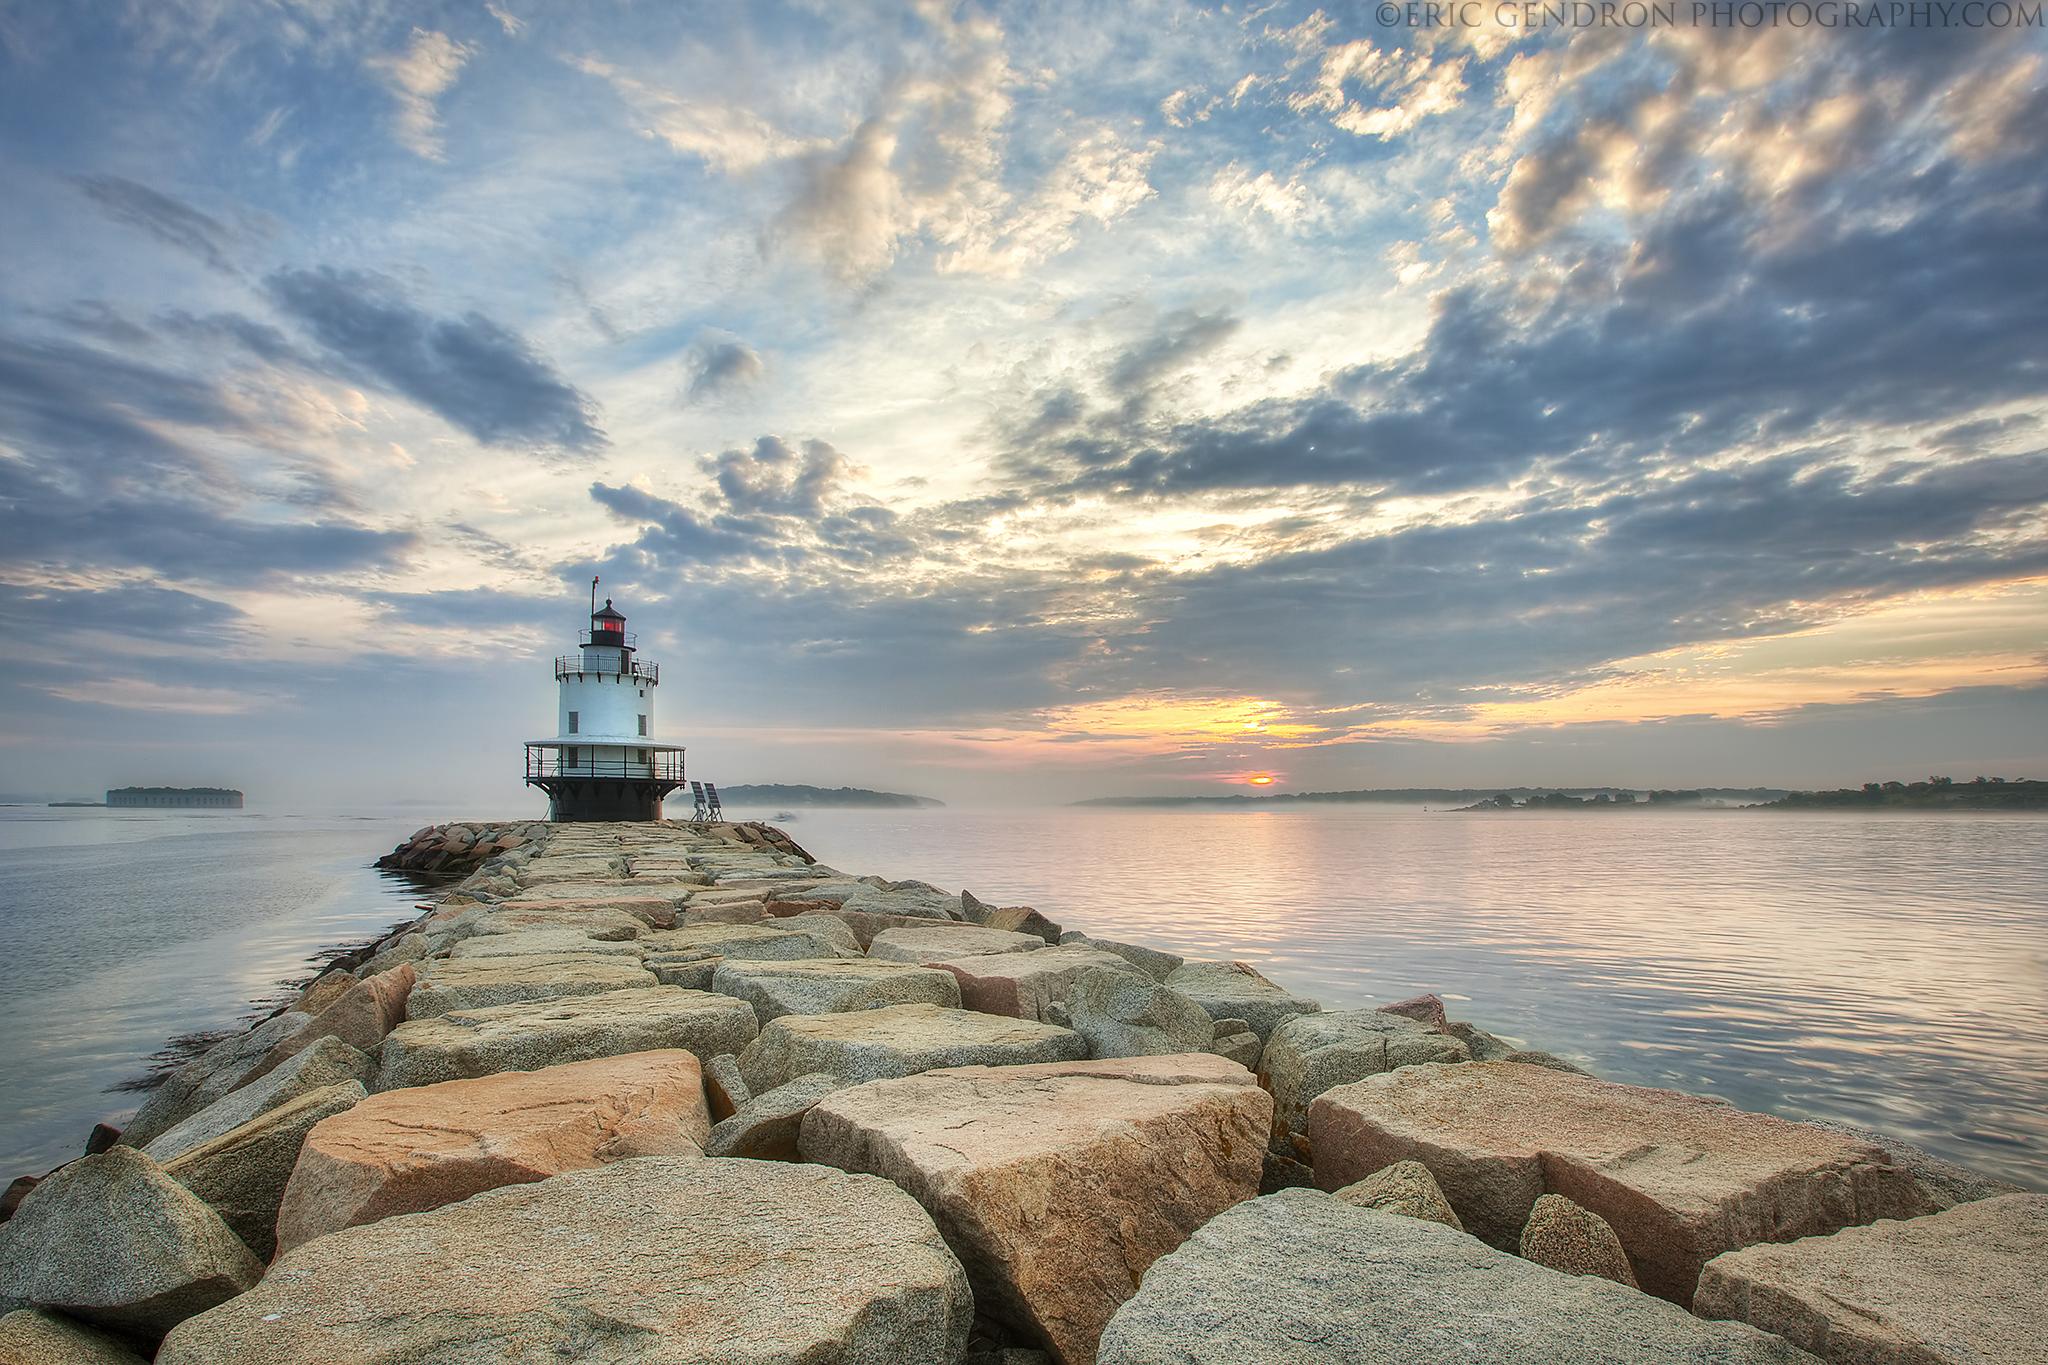 Wallpaper : ocean, morning, light, cliff, cloud, lighthouse